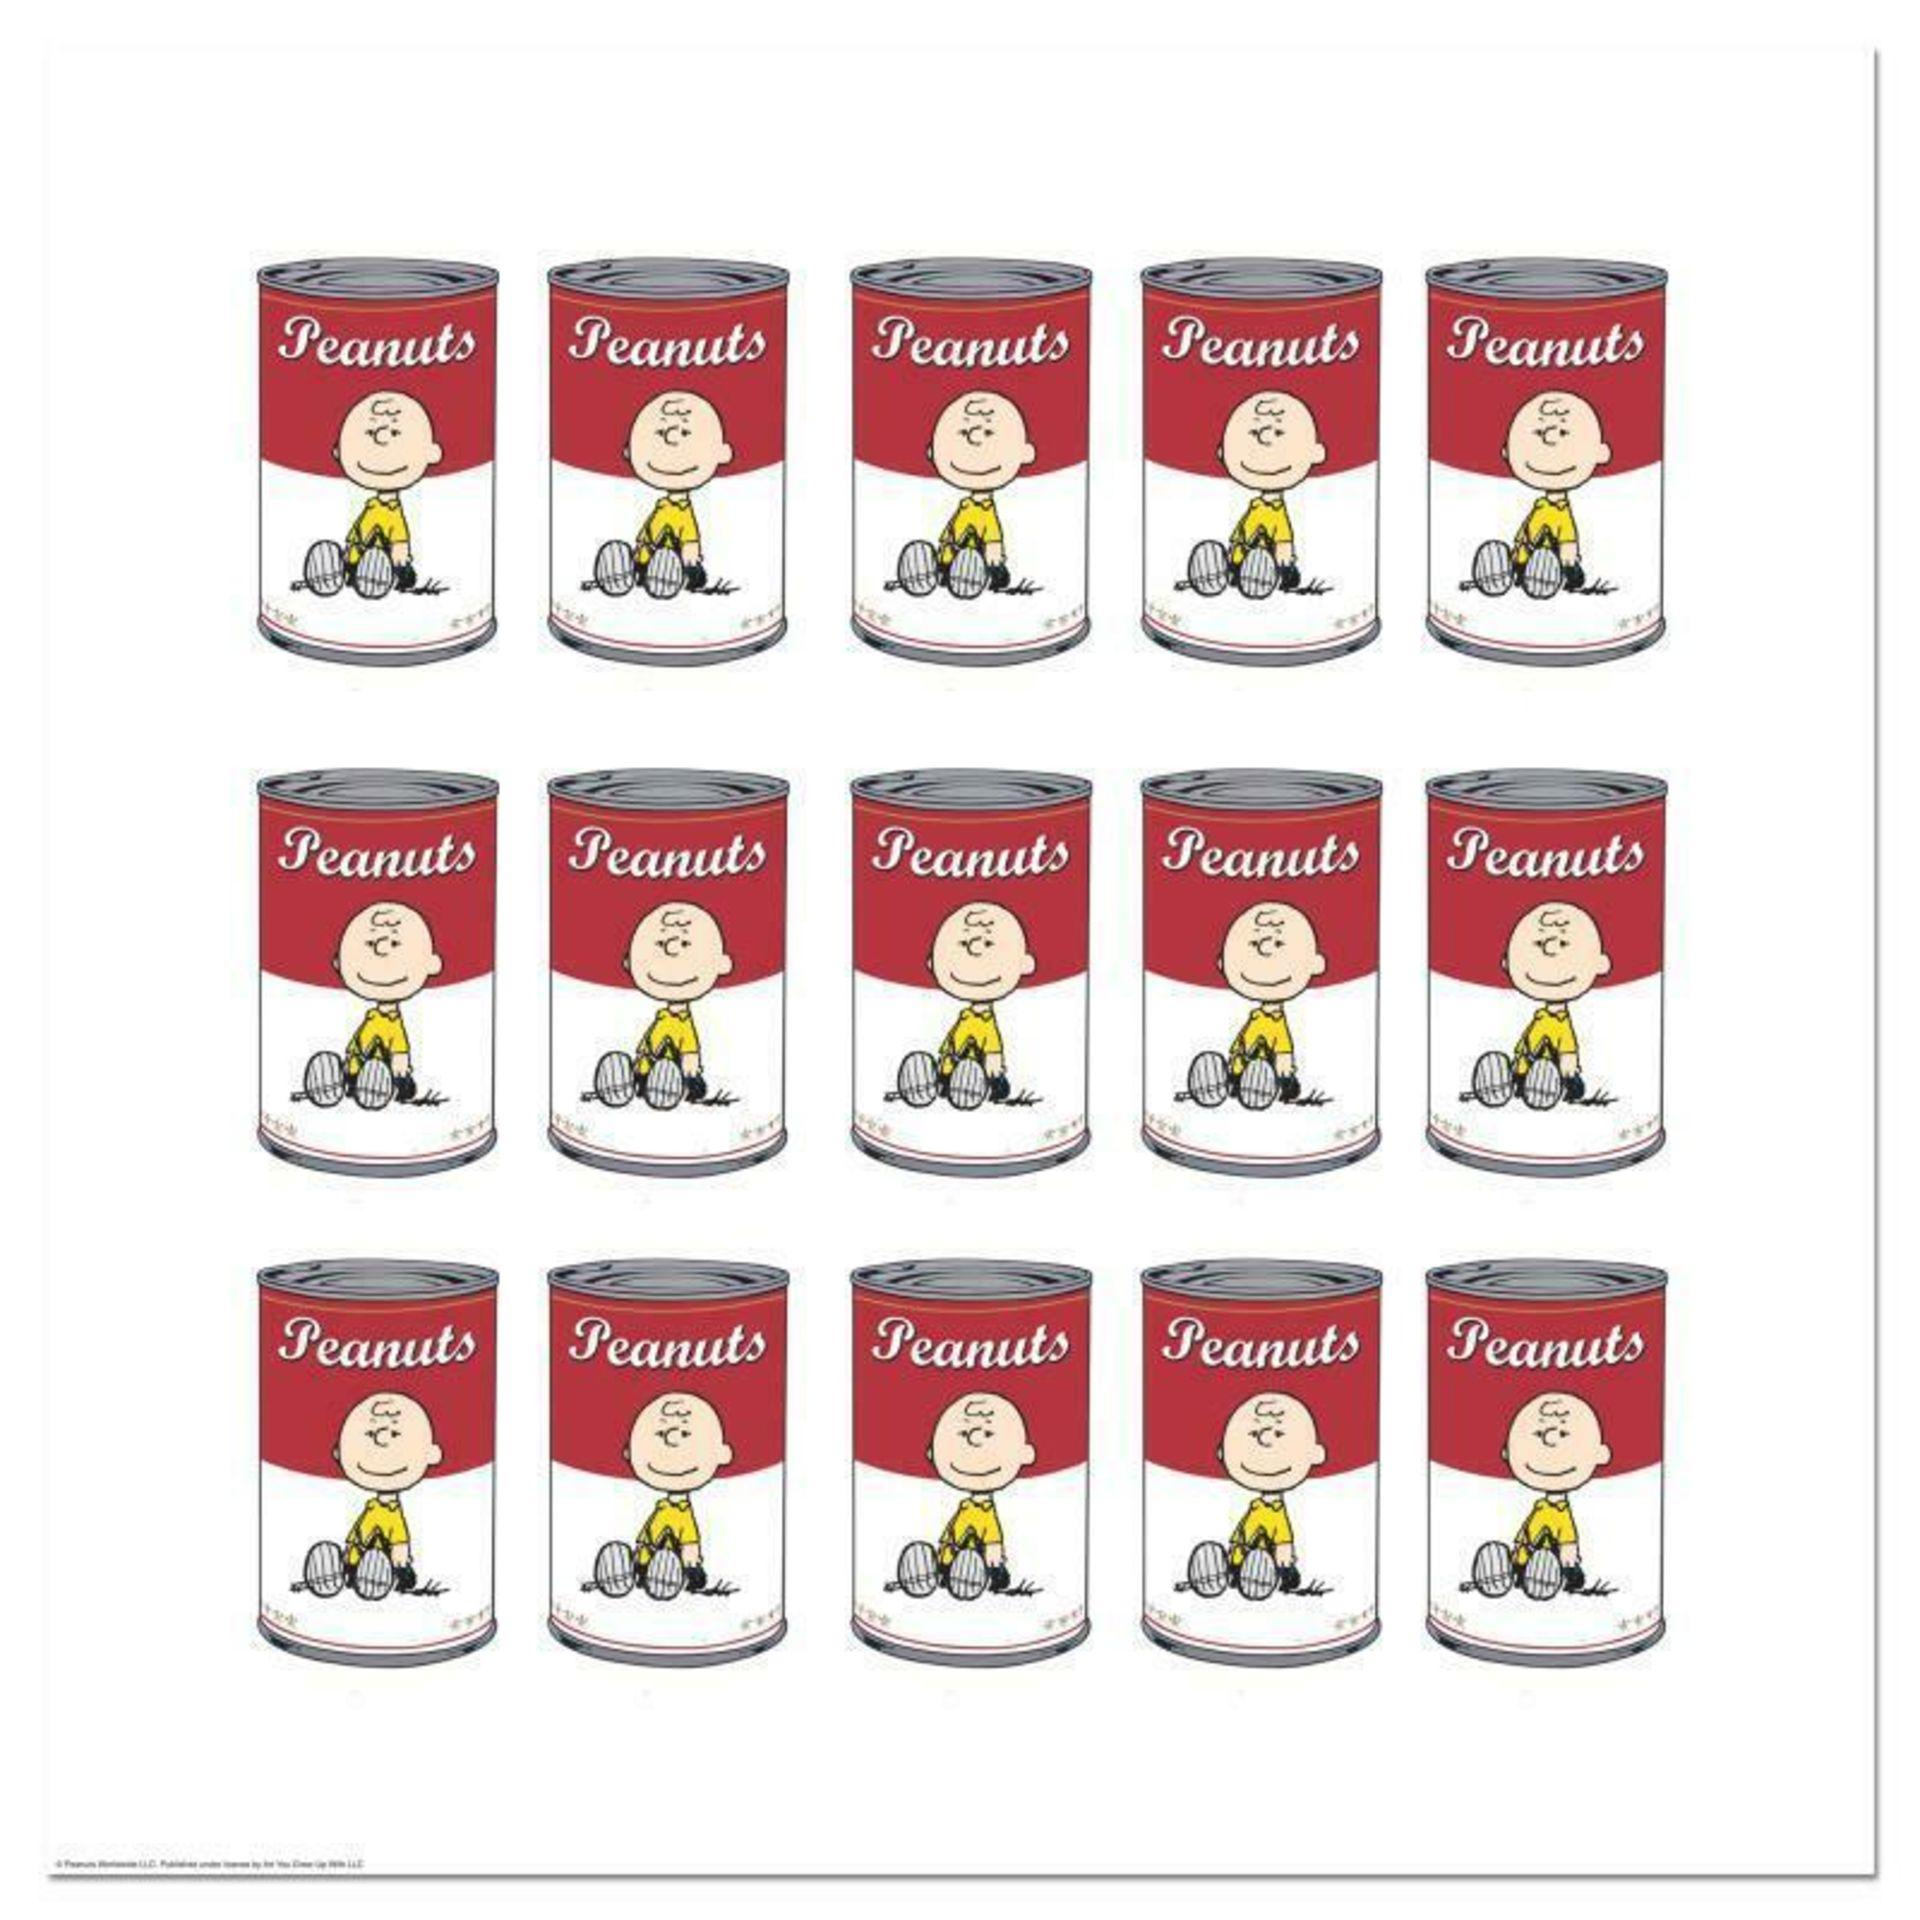 Peanuts Can by Peanuts